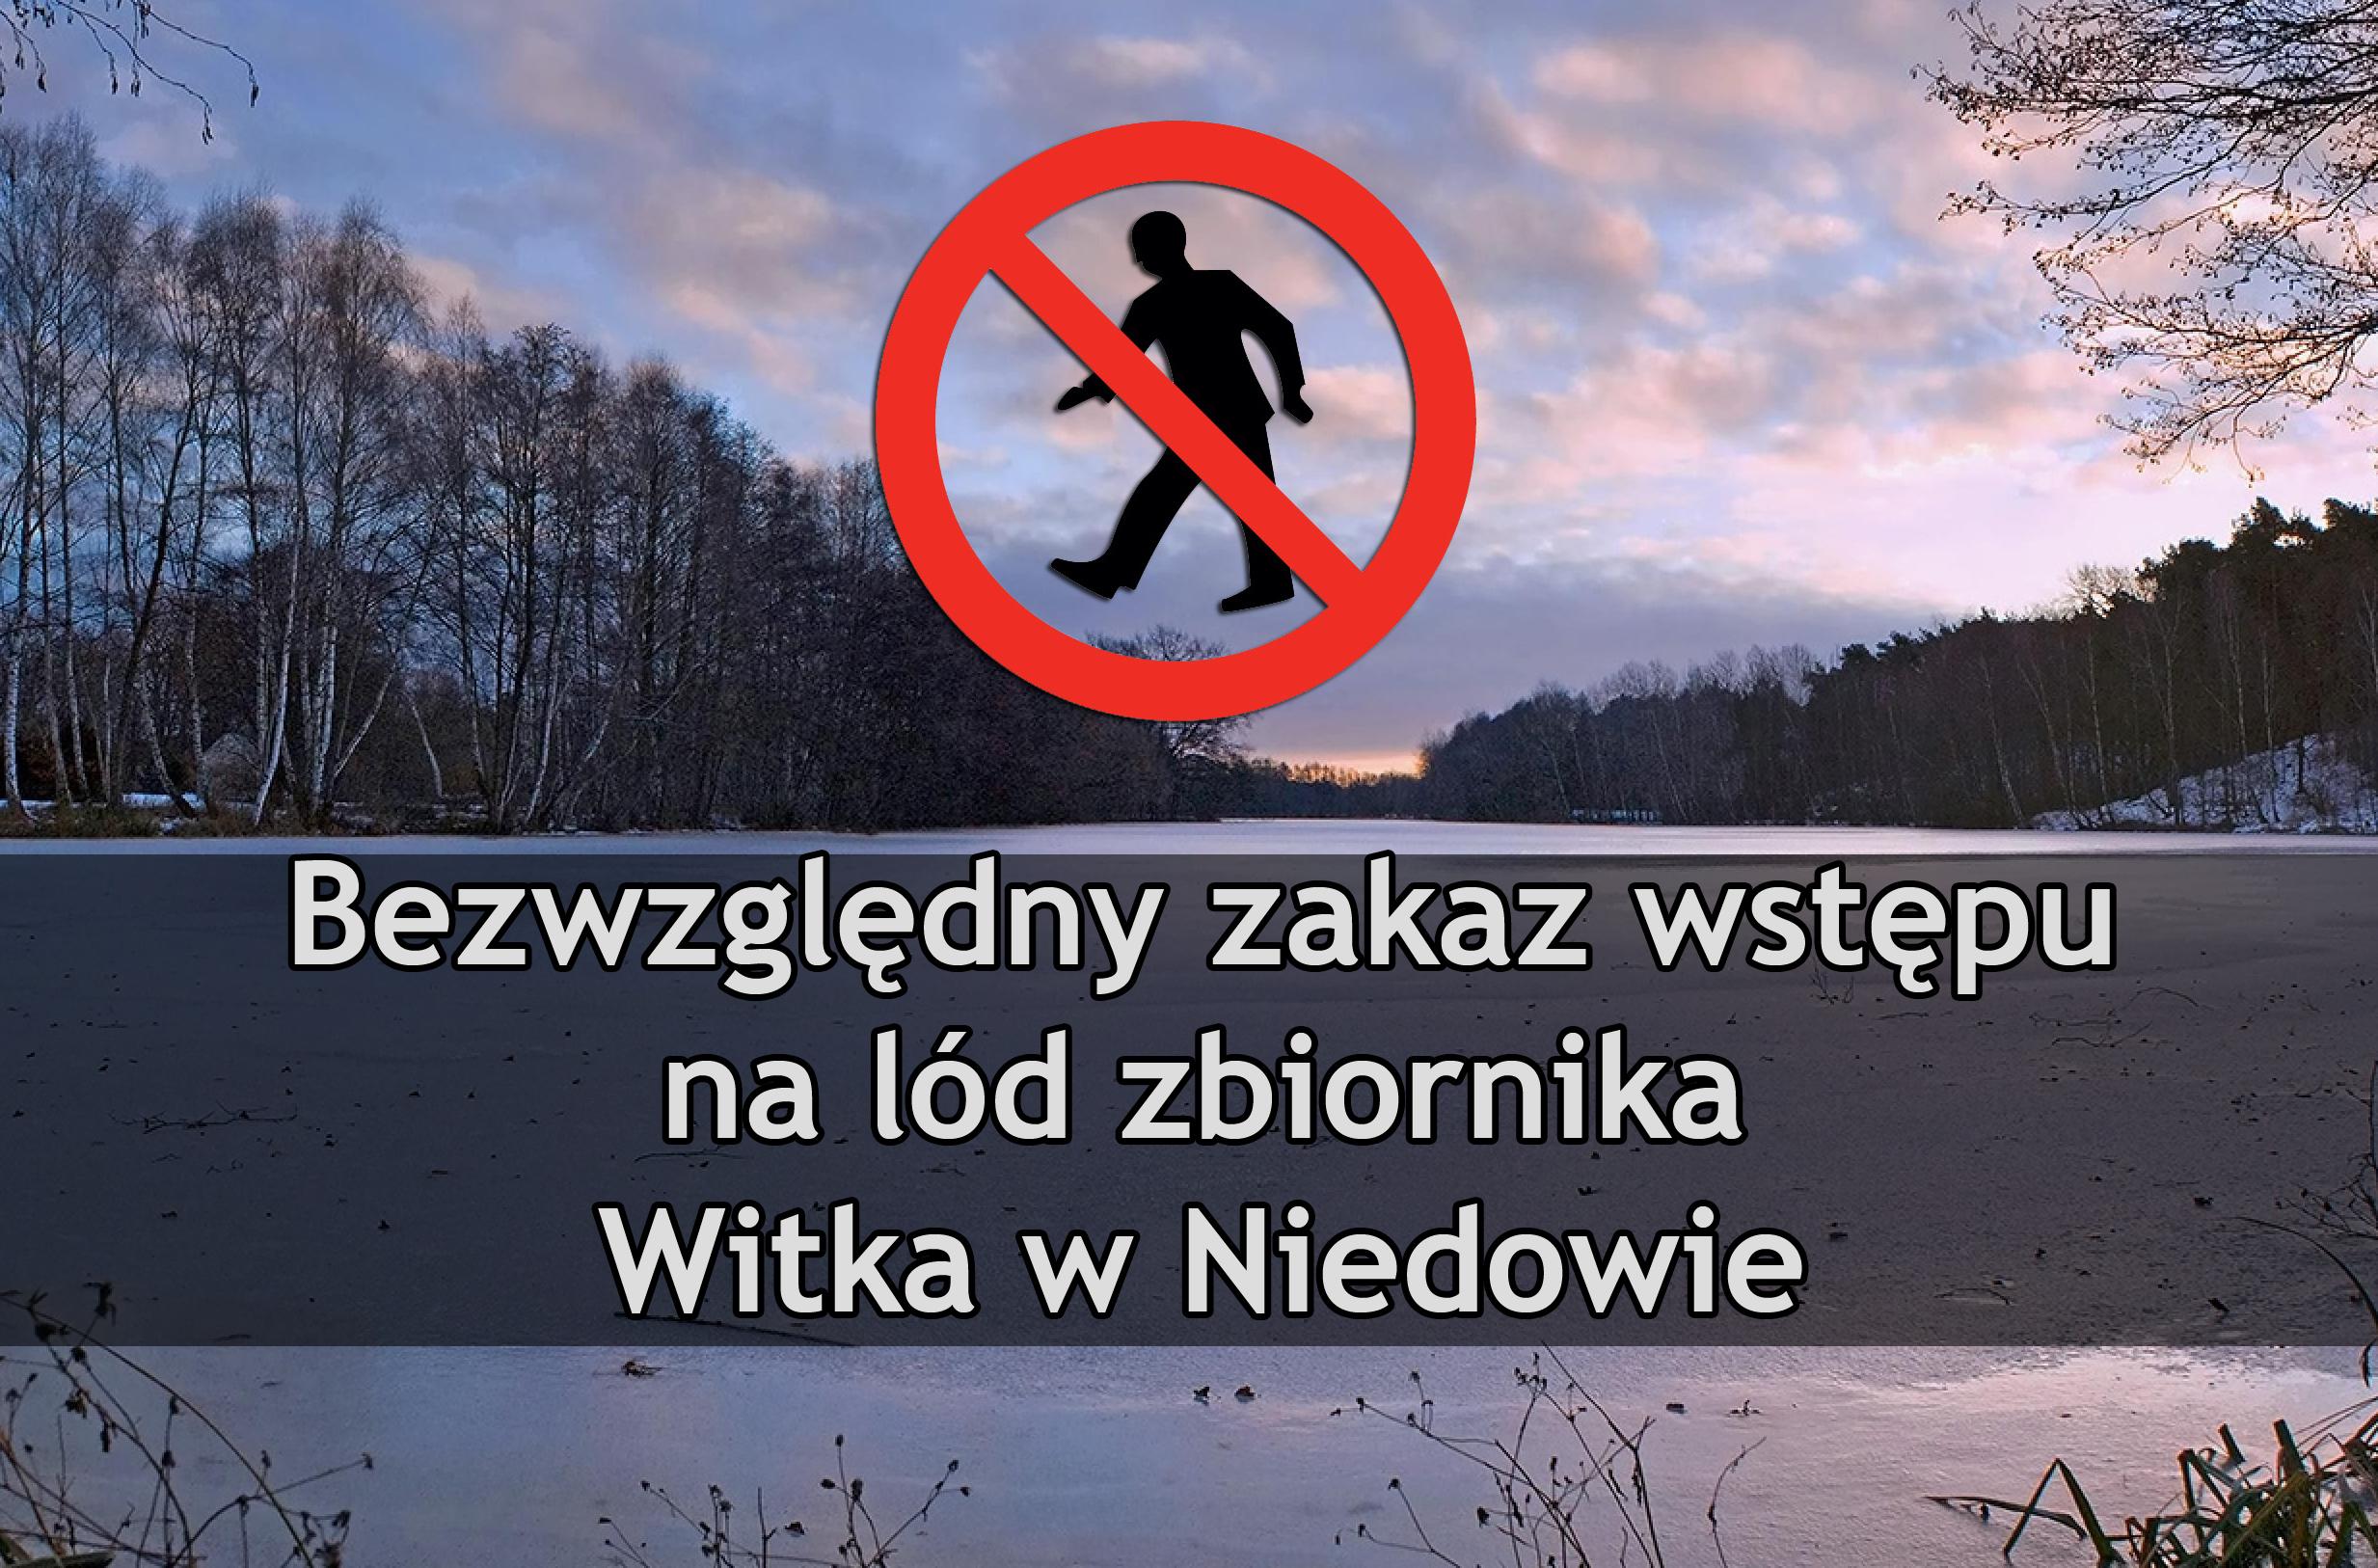 Bezwzględny zakaz wstępu na lód zbiornika Witka w Niedowie